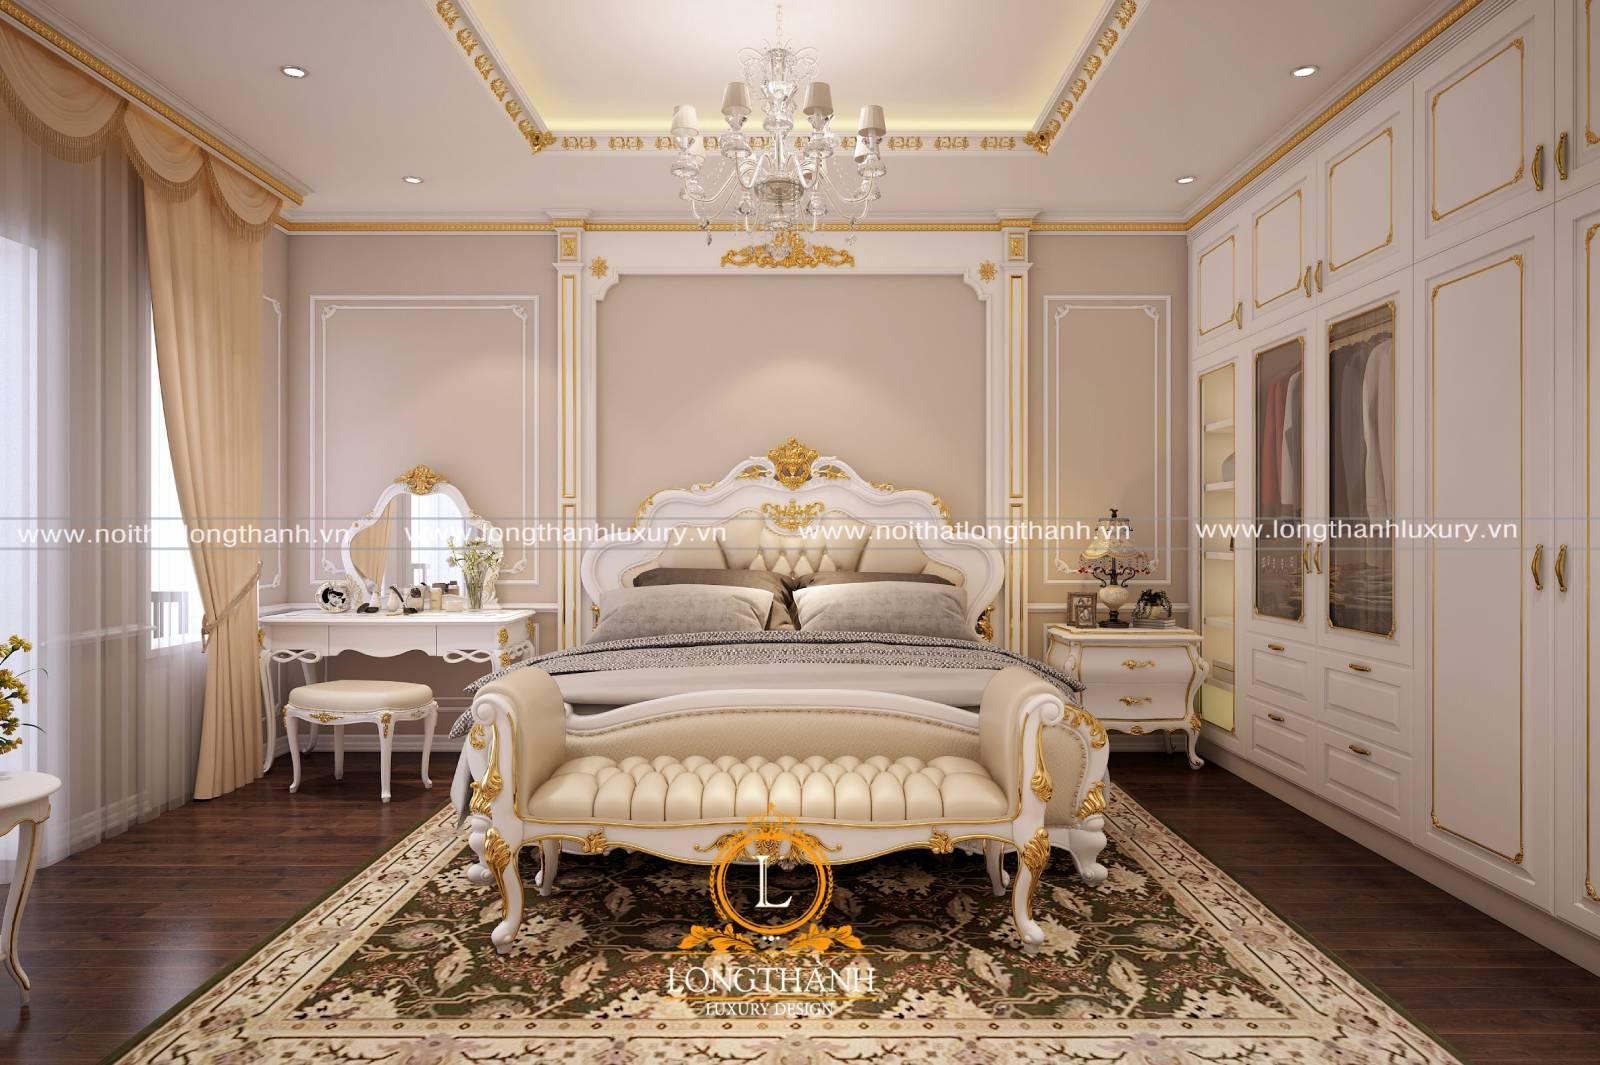 Mẫu thiết kế phòng ngủ tân cổ điển đẹp và tinh tế